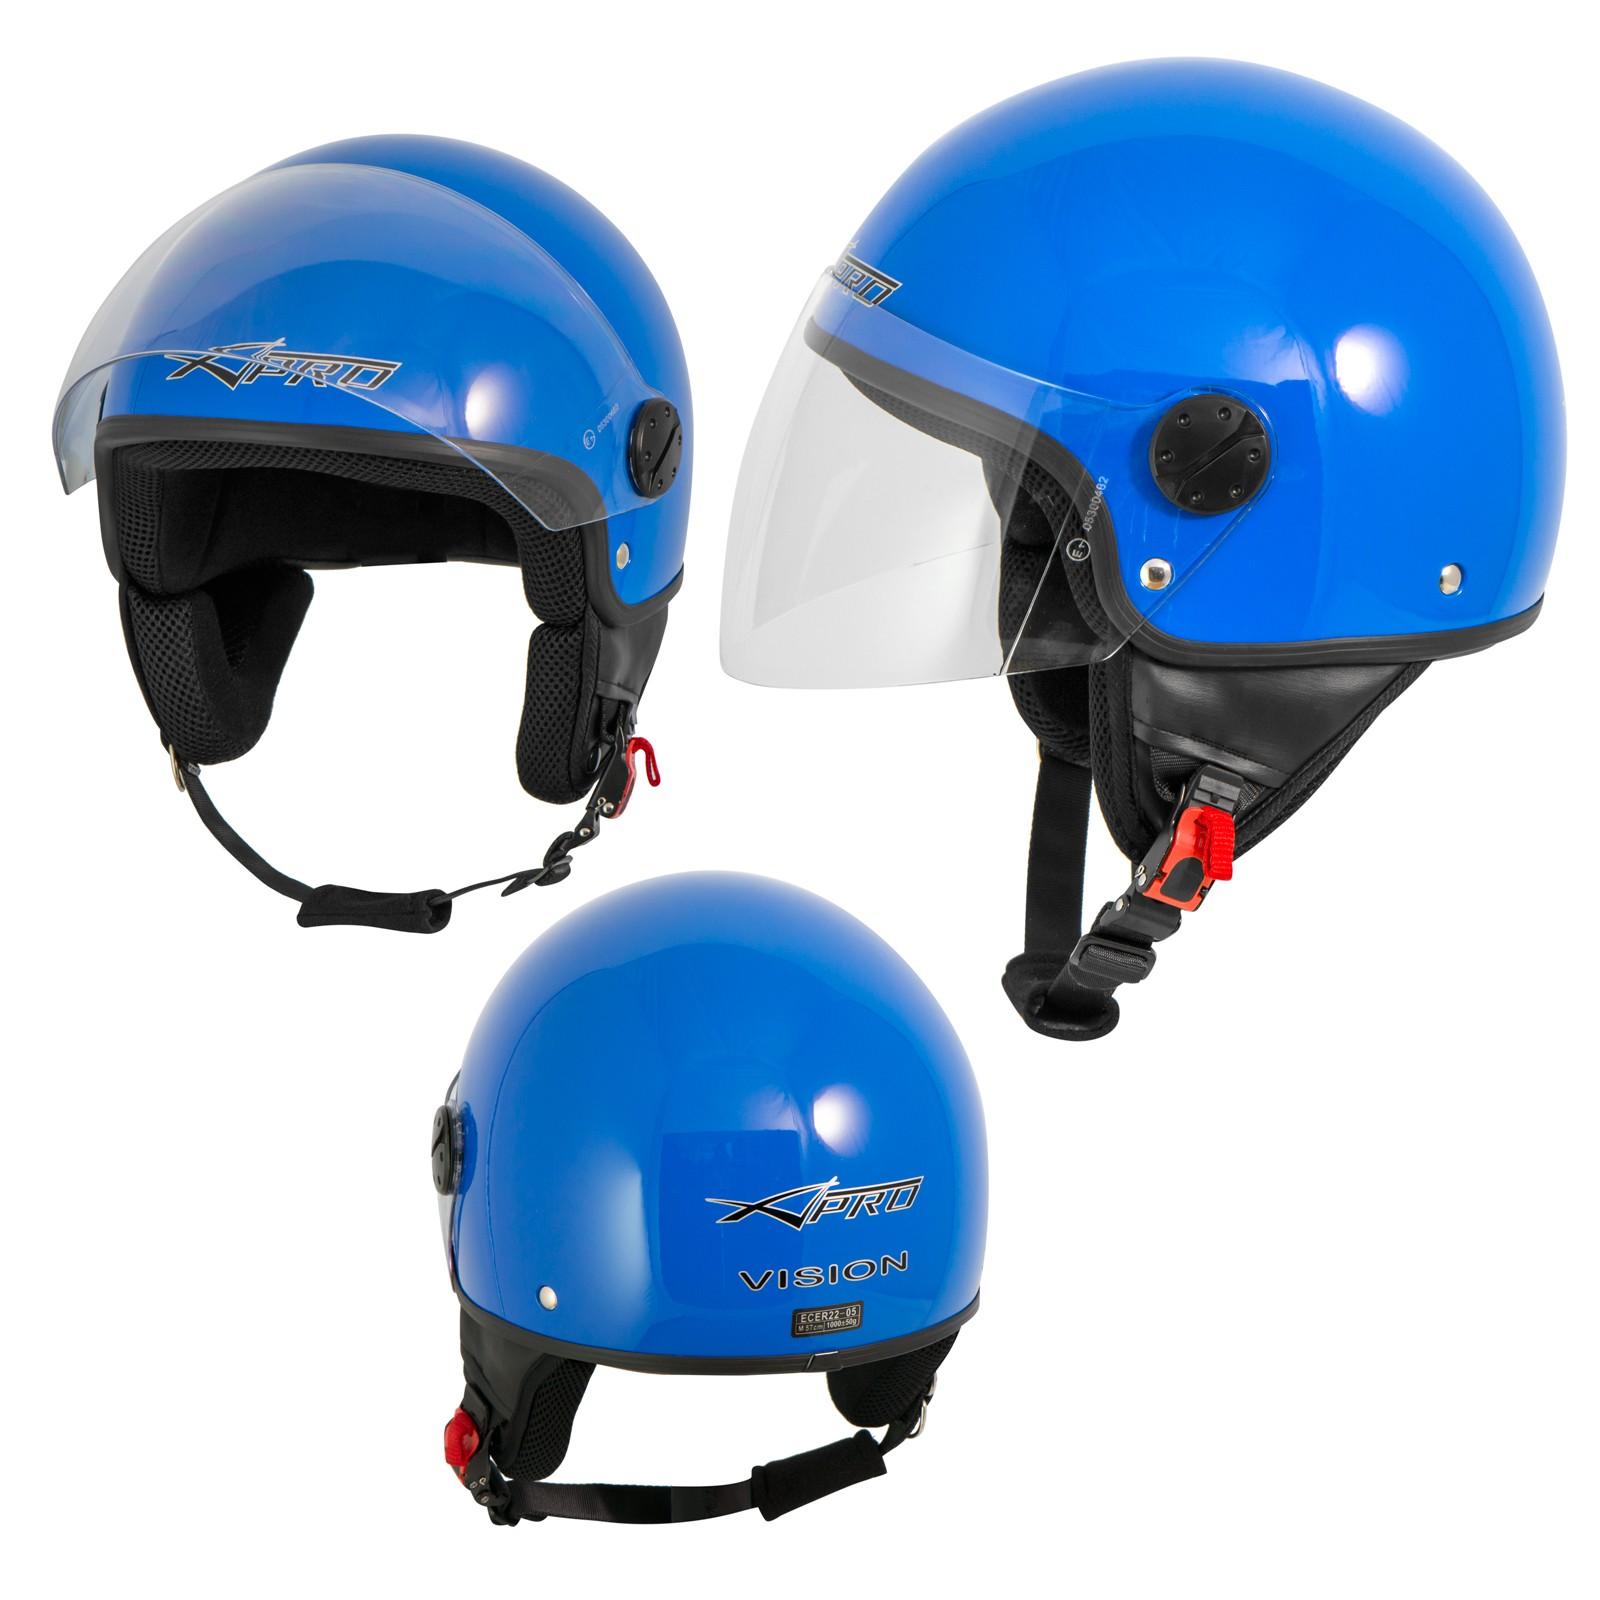 Casco Jet Demi Scooter Moto Omologato ECE 22  Visiera Antigraffio Blu